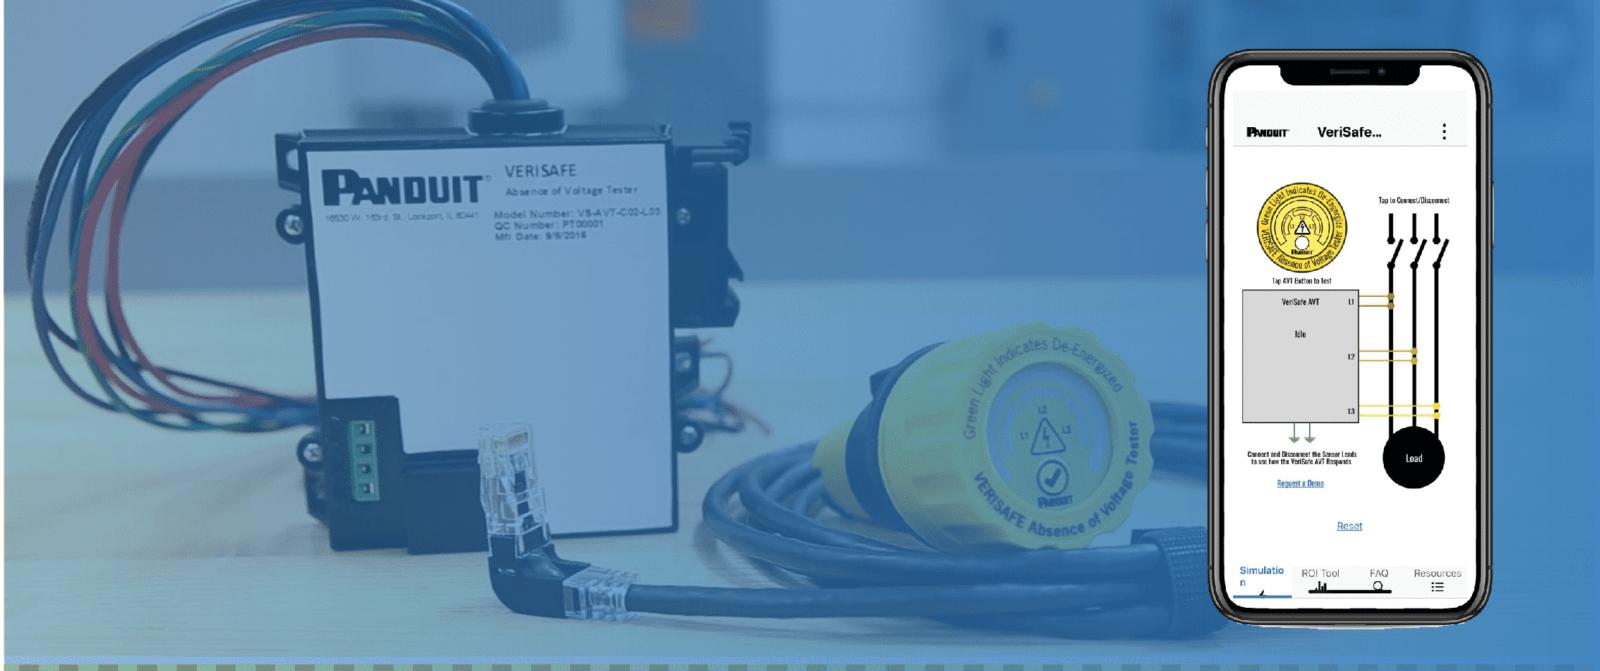 VeriSafe ™ это безопасный способ проверить отсутствие напряжения нажатием одной кнопки, для низковольтного оборудования до 600В.